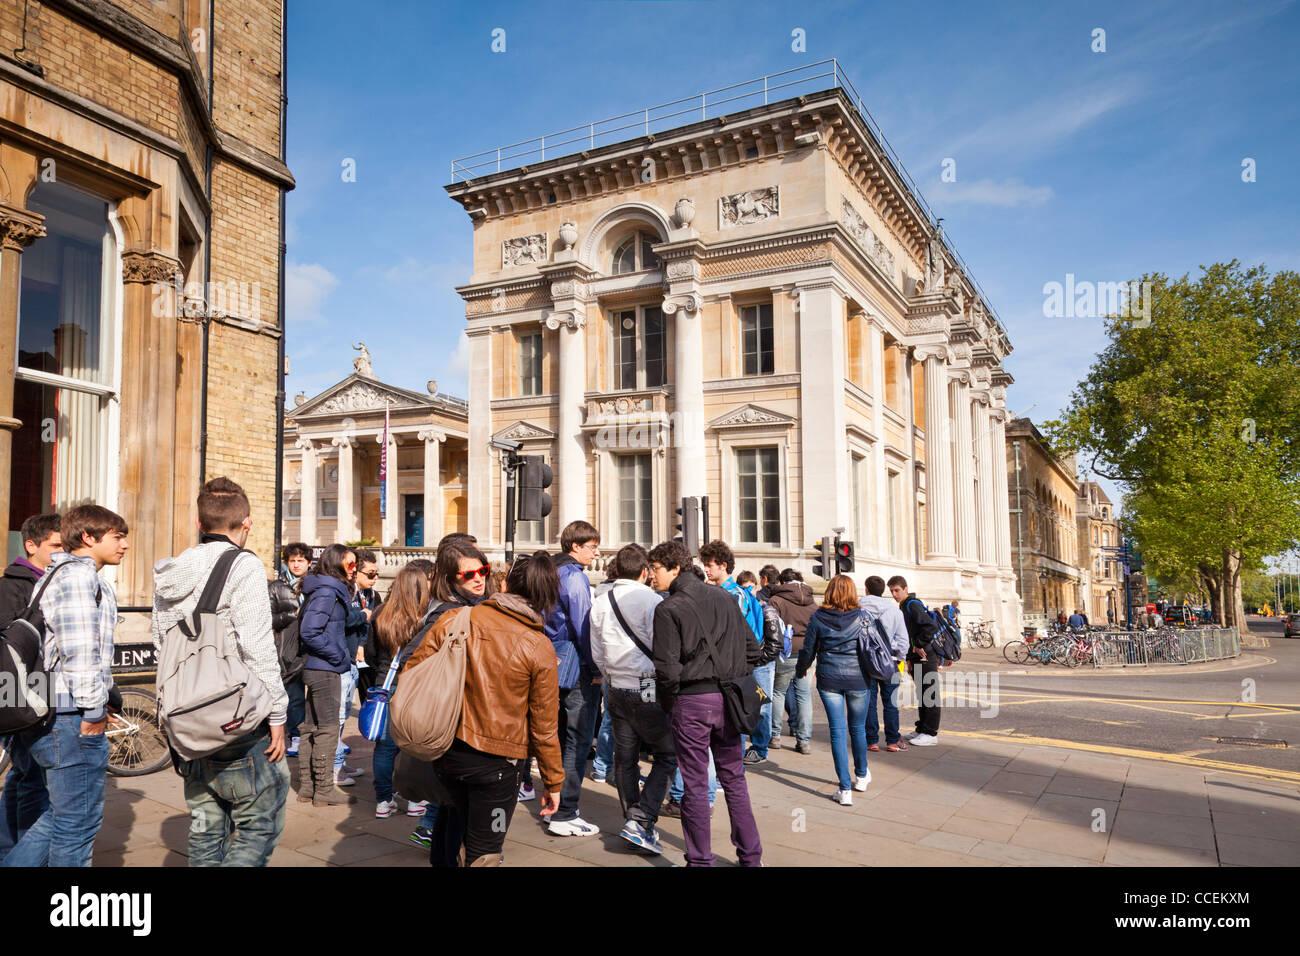 Eine Gruppe von Jugendlichen außerhalb des Ashmolean Museums, Beaumont Street, Oxford, England. Stockbild